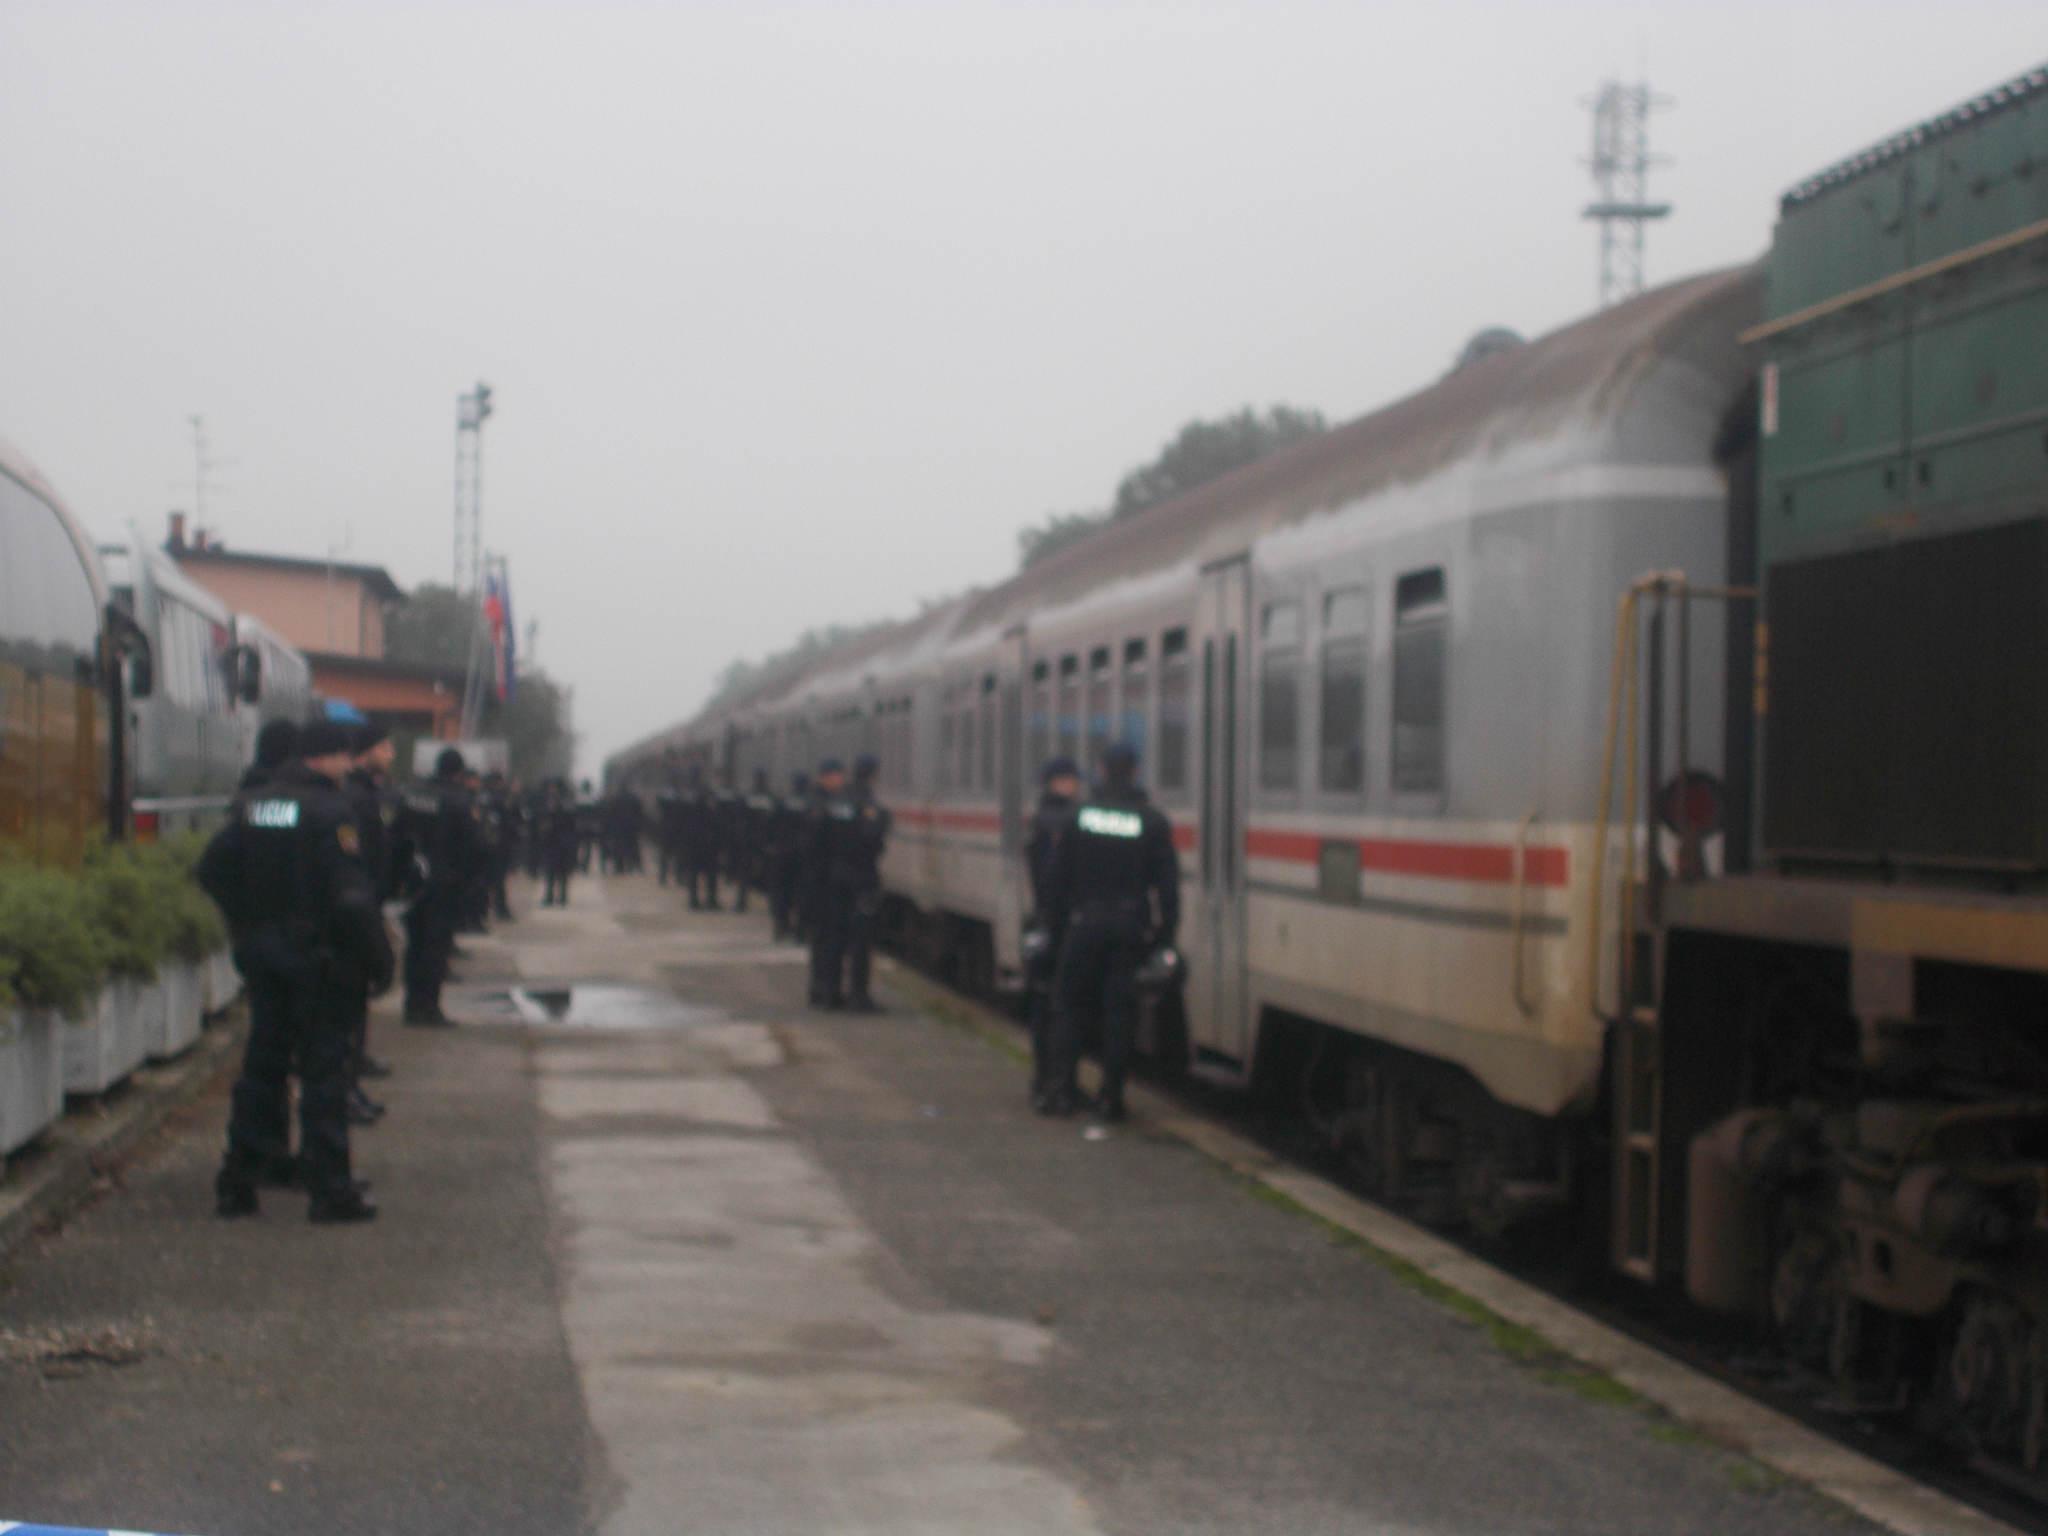 V Središče ob Dravi je ob desetih pripeljal vlak z novimi 1200 begunci